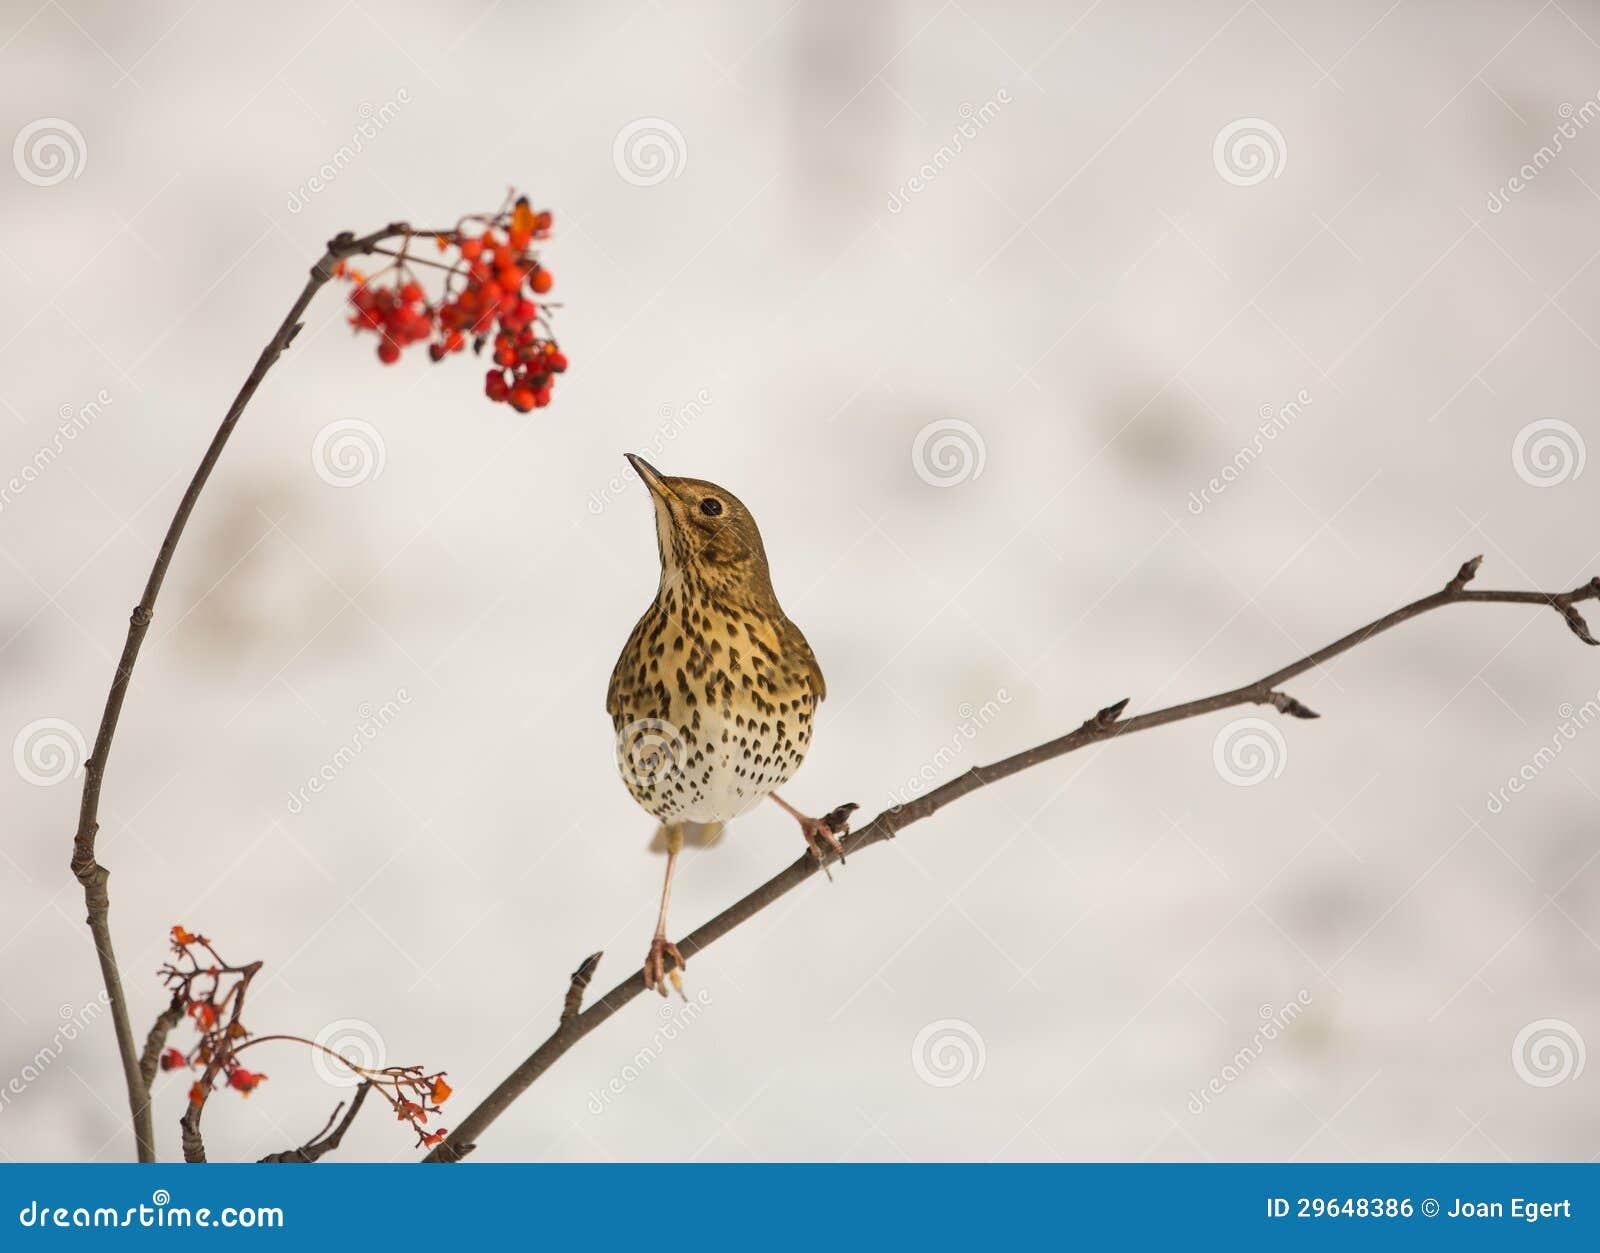 Song Thrush with Rowan berries